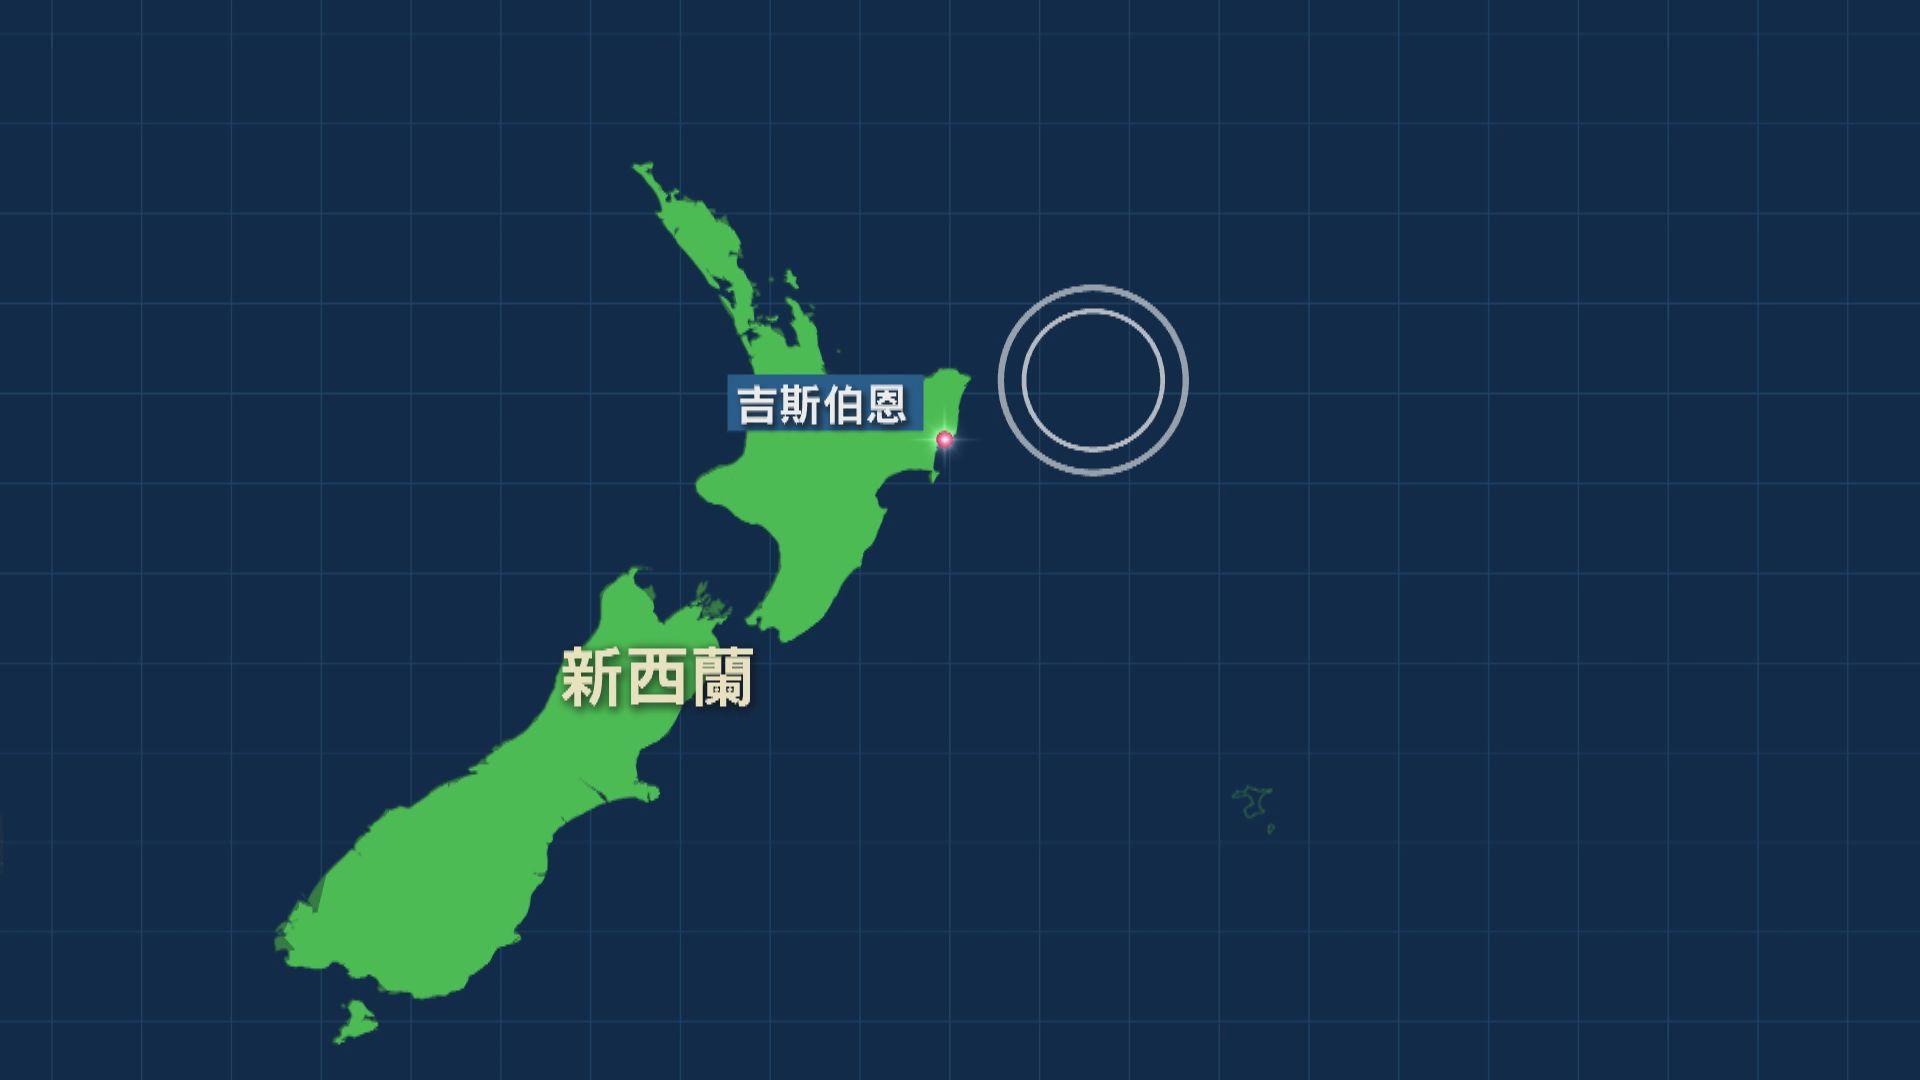 新西蘭8級地震 多國發海嘯警報